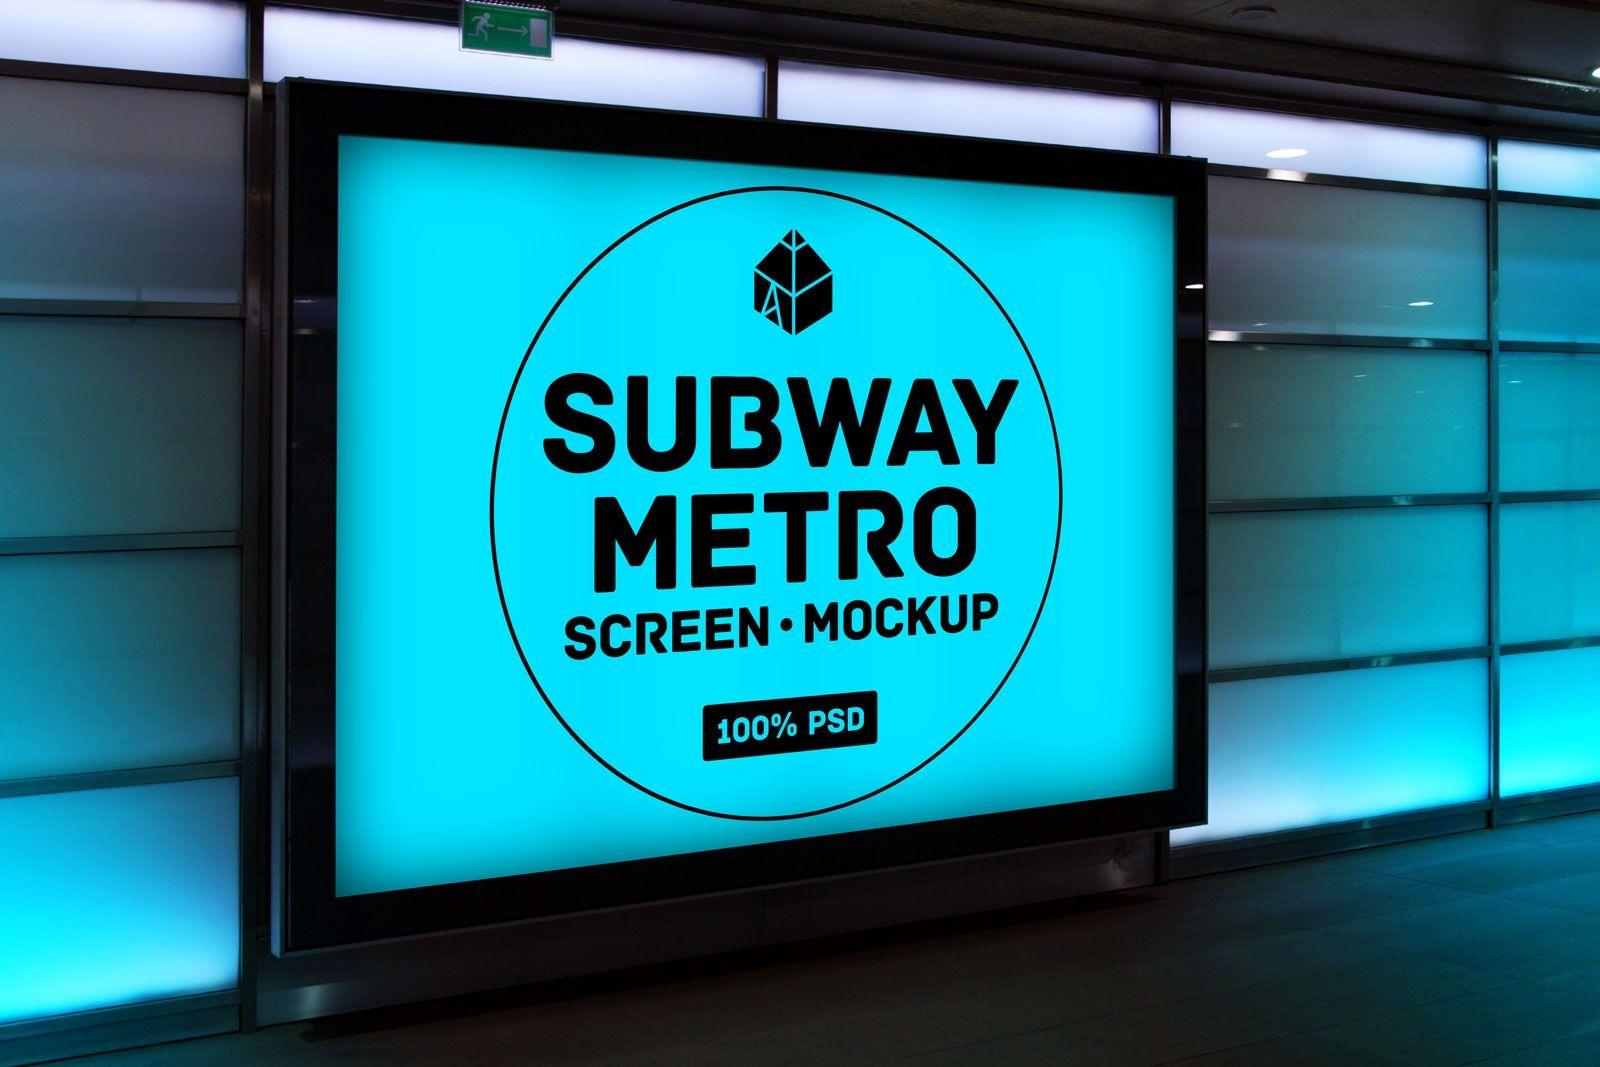 Free Subway Metro Screen Mockup Mockup Psd Design Mockup Free Free Packaging Mockup